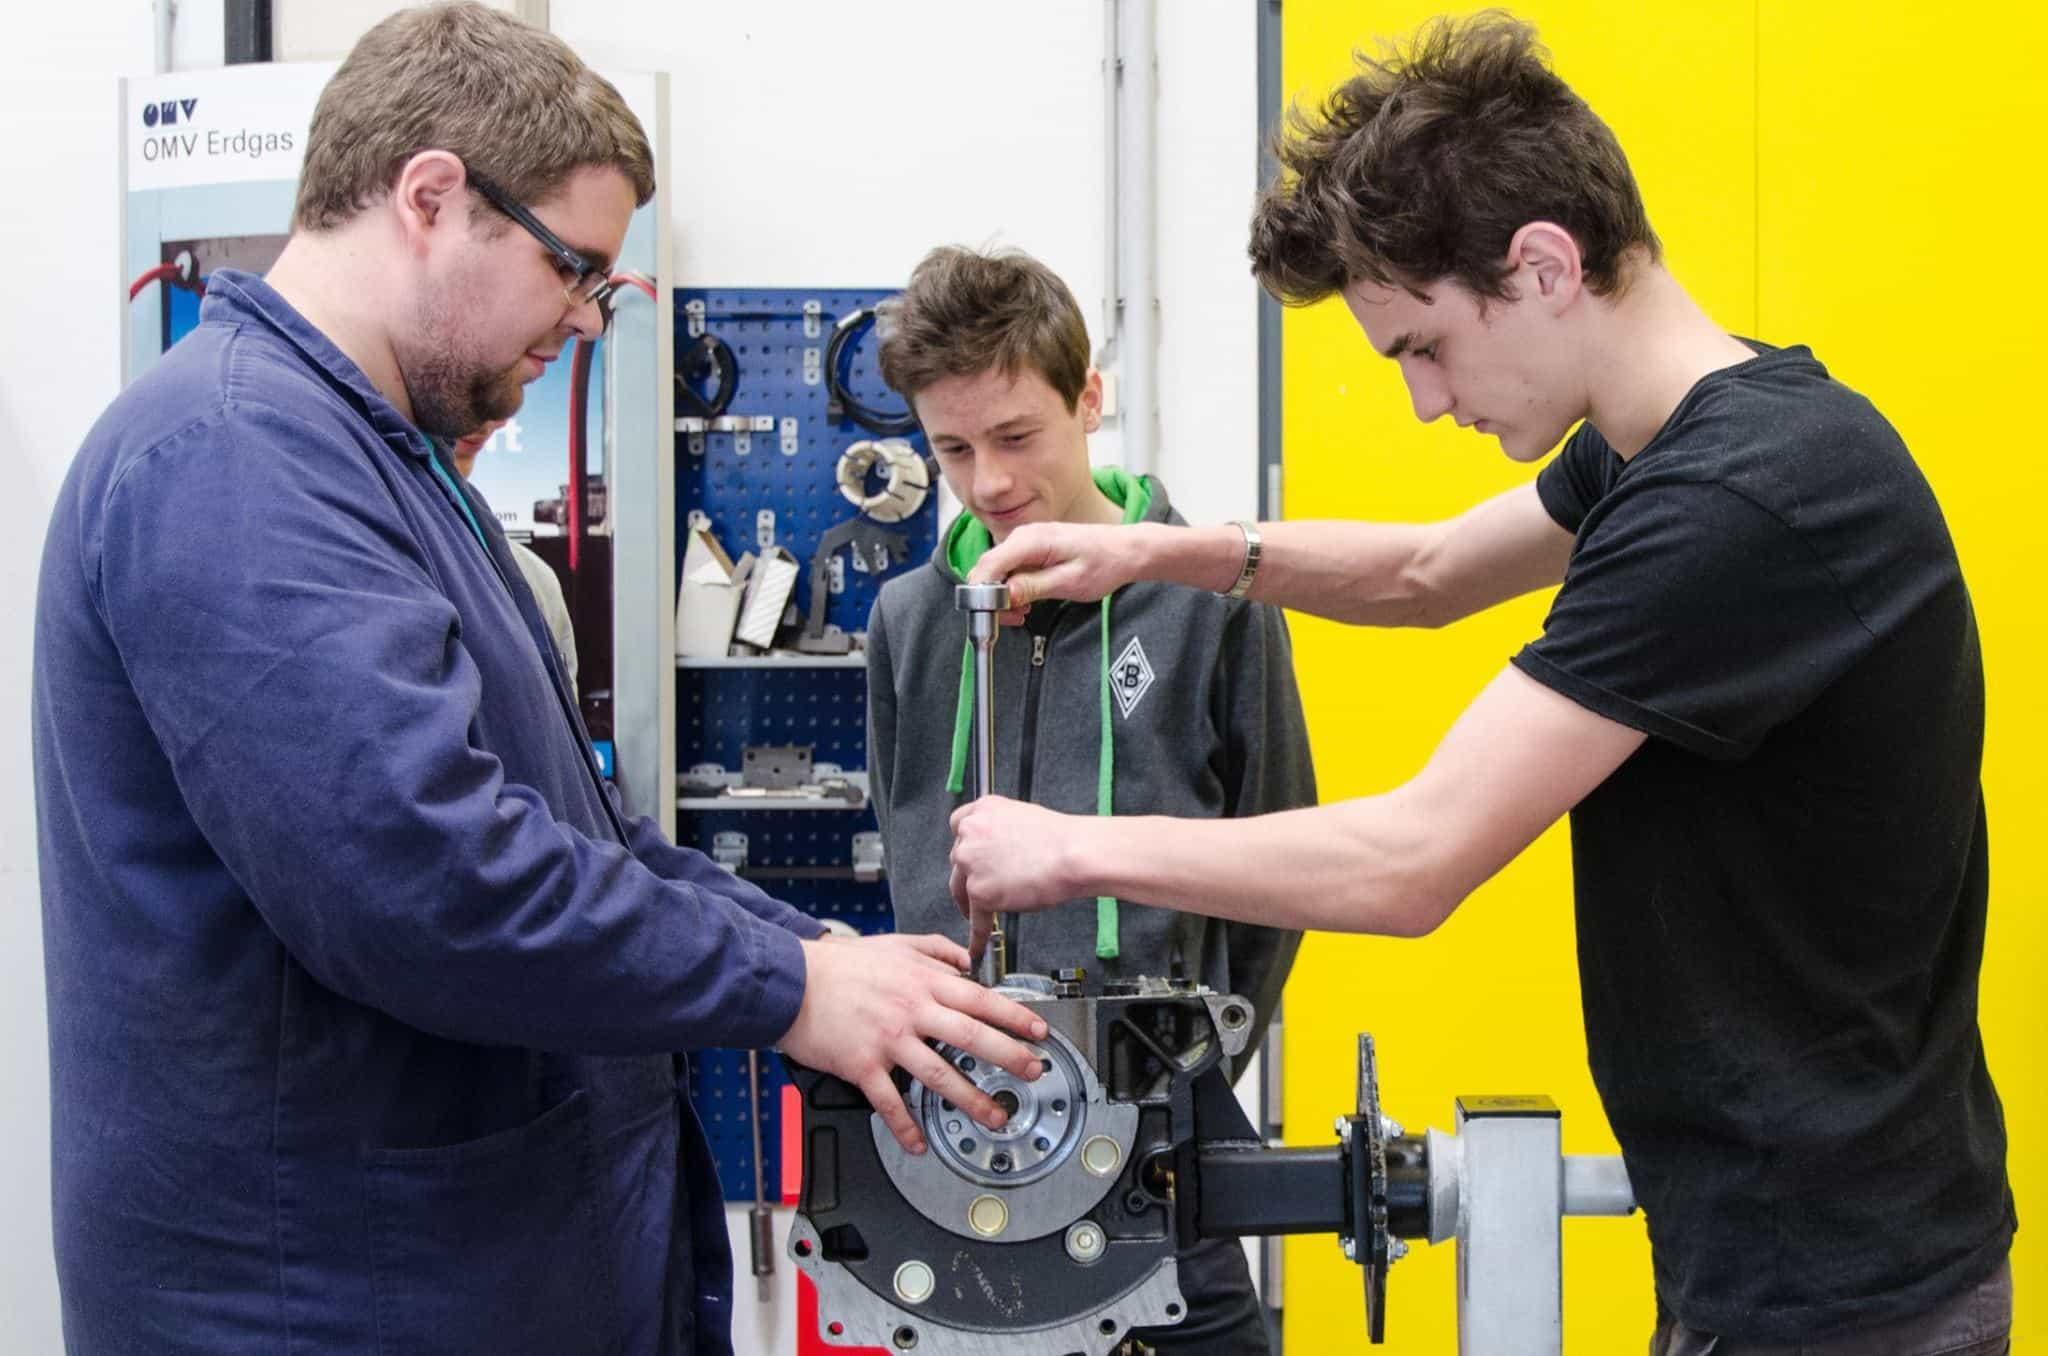 """Motoren zerlegen und wieder zusammenbauen: Das waren Aufgaben beim Workshop des Studiengangs """"Fahrzeugtechnik / Automotive Engineering"""". (© FH JOANNEUM / Felix, Joachim)"""